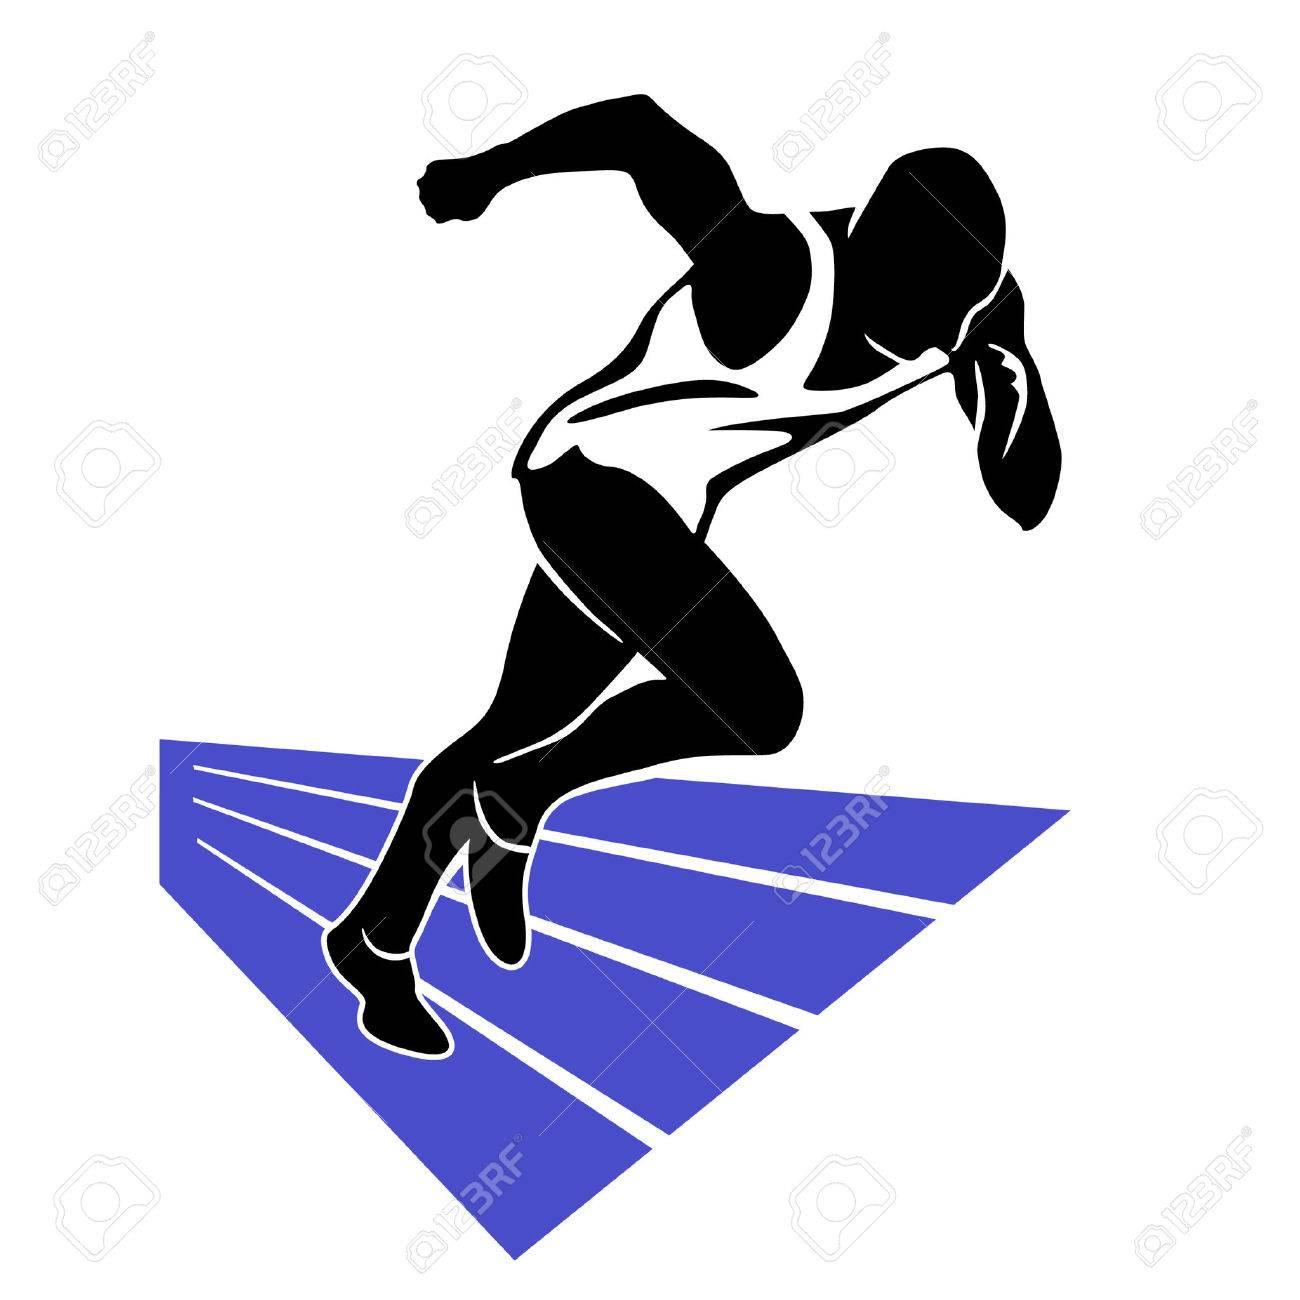 Runner Sprint Stock Vector - 7539843